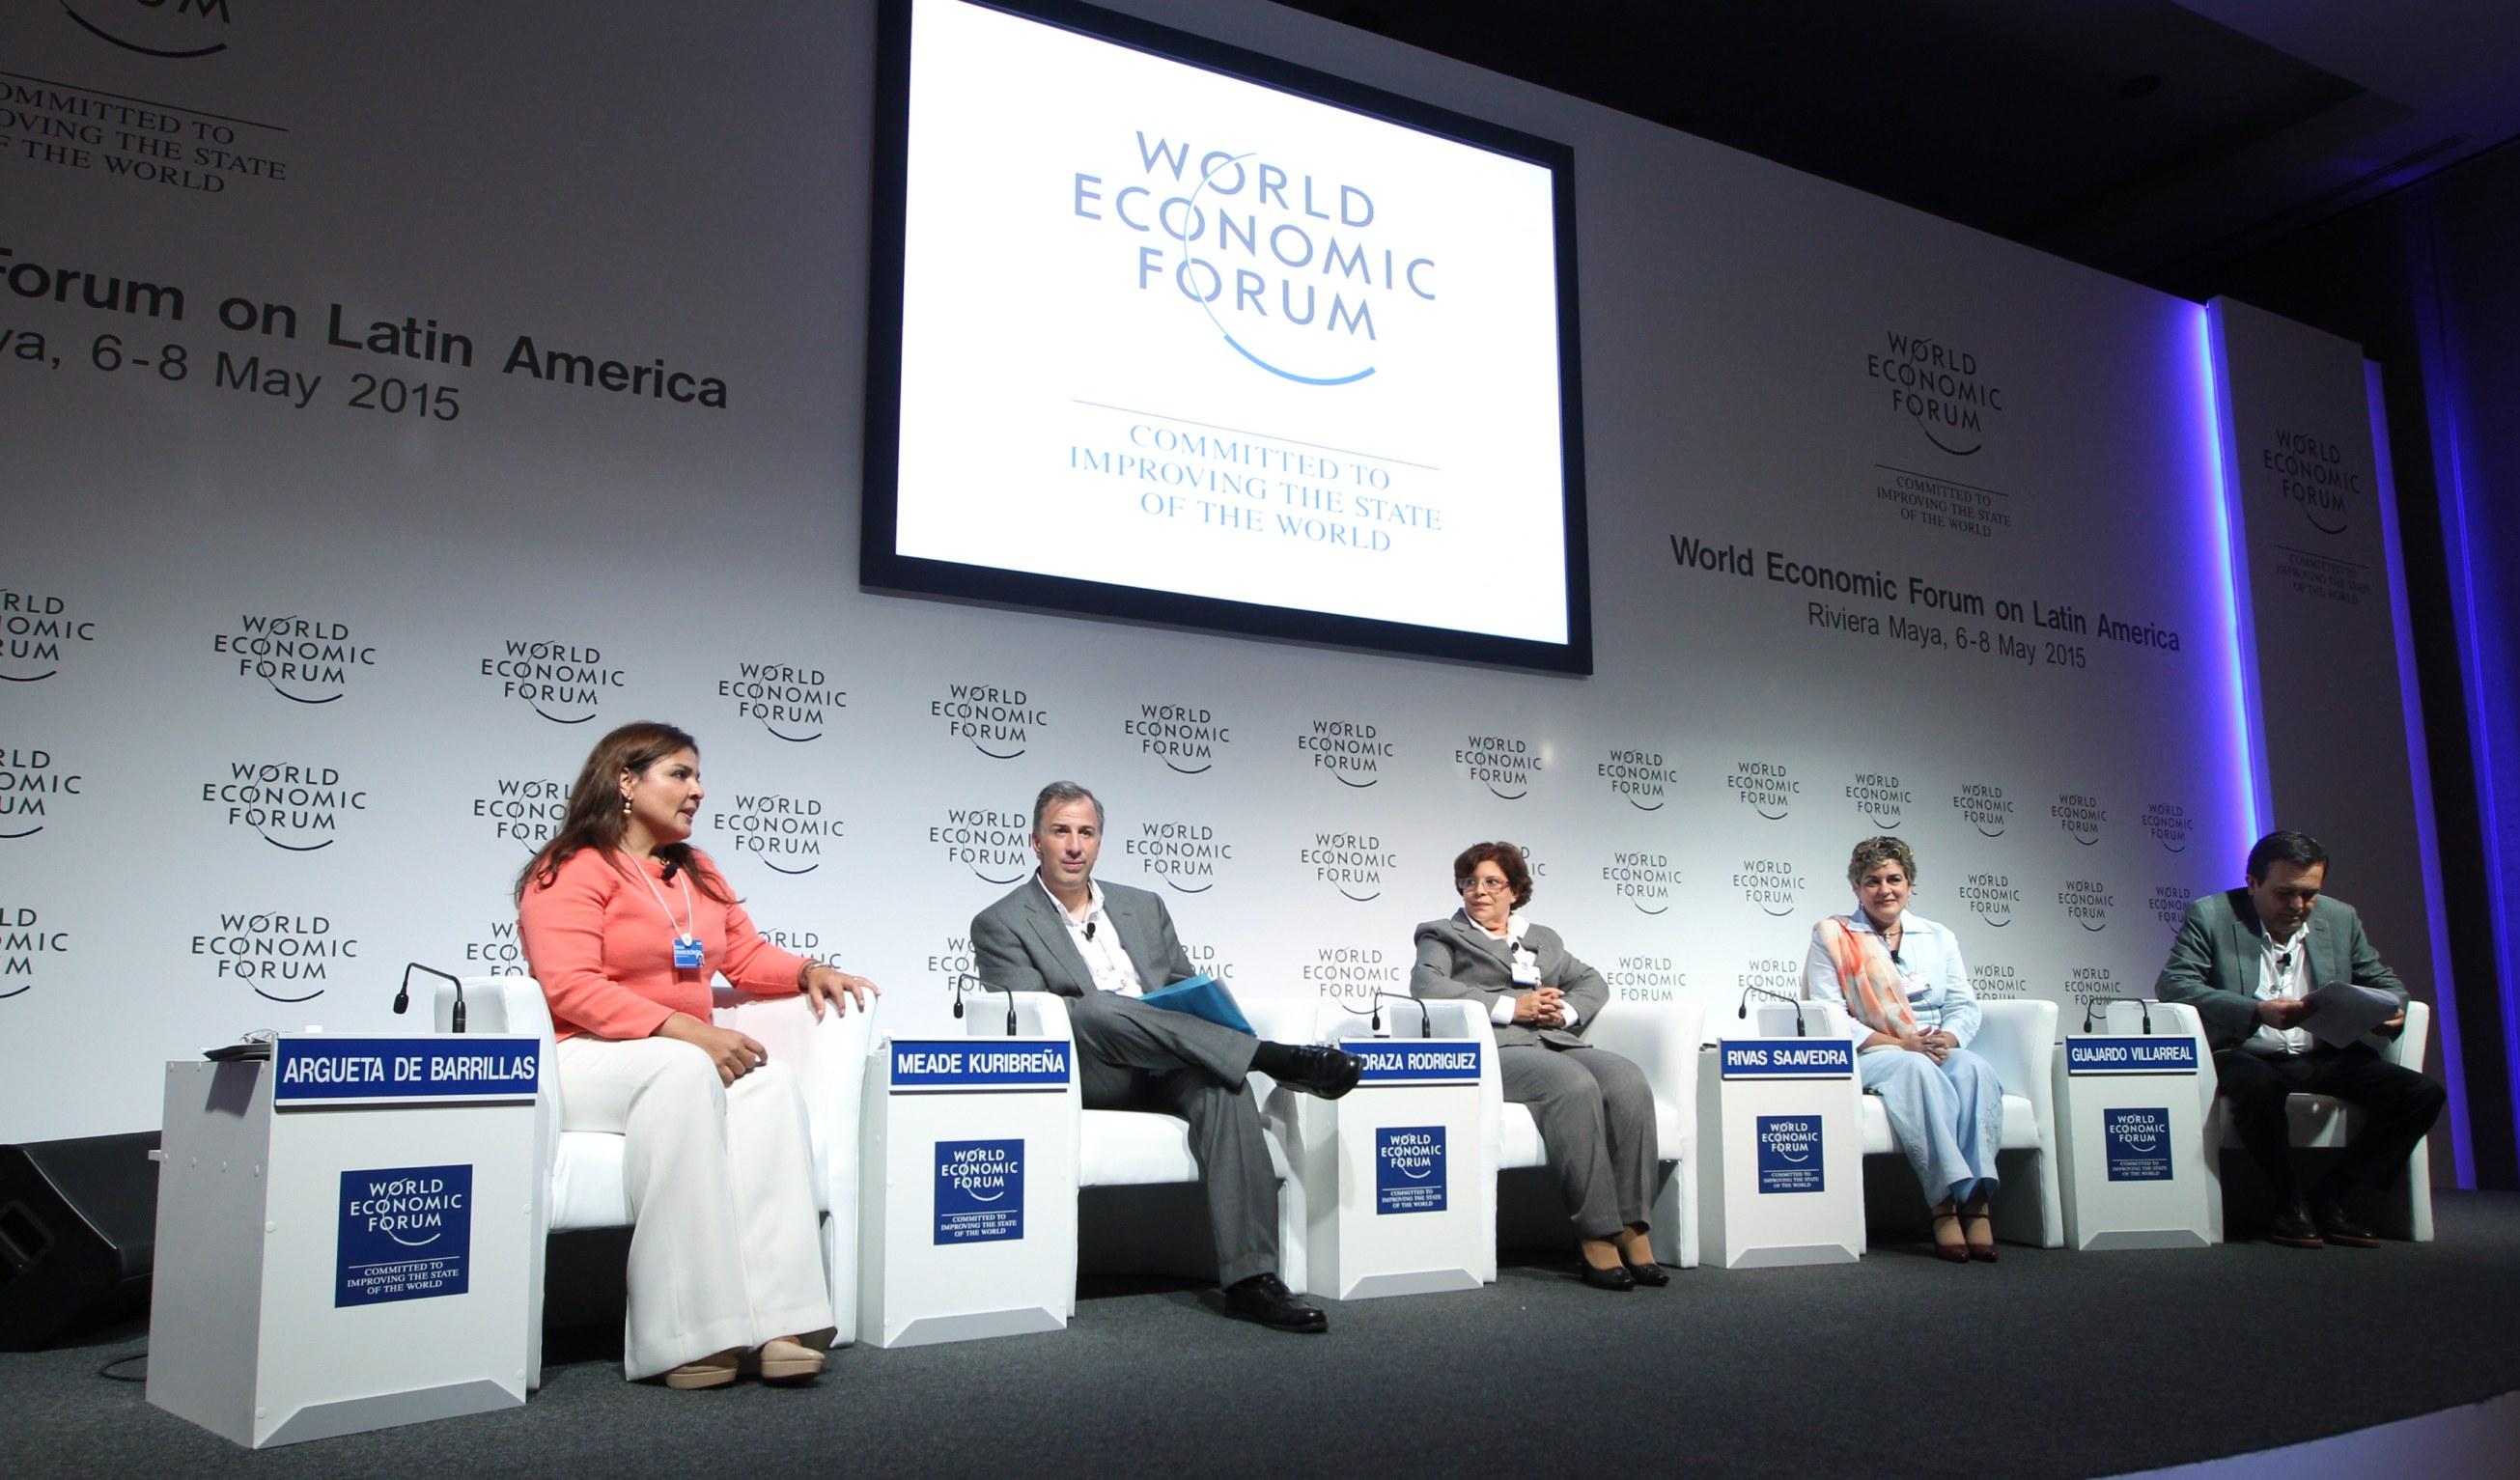 FOTO 1 Canciller Jos  Antonio Meade en el Foro Econ mico Mundial para Latinoam ricajpg